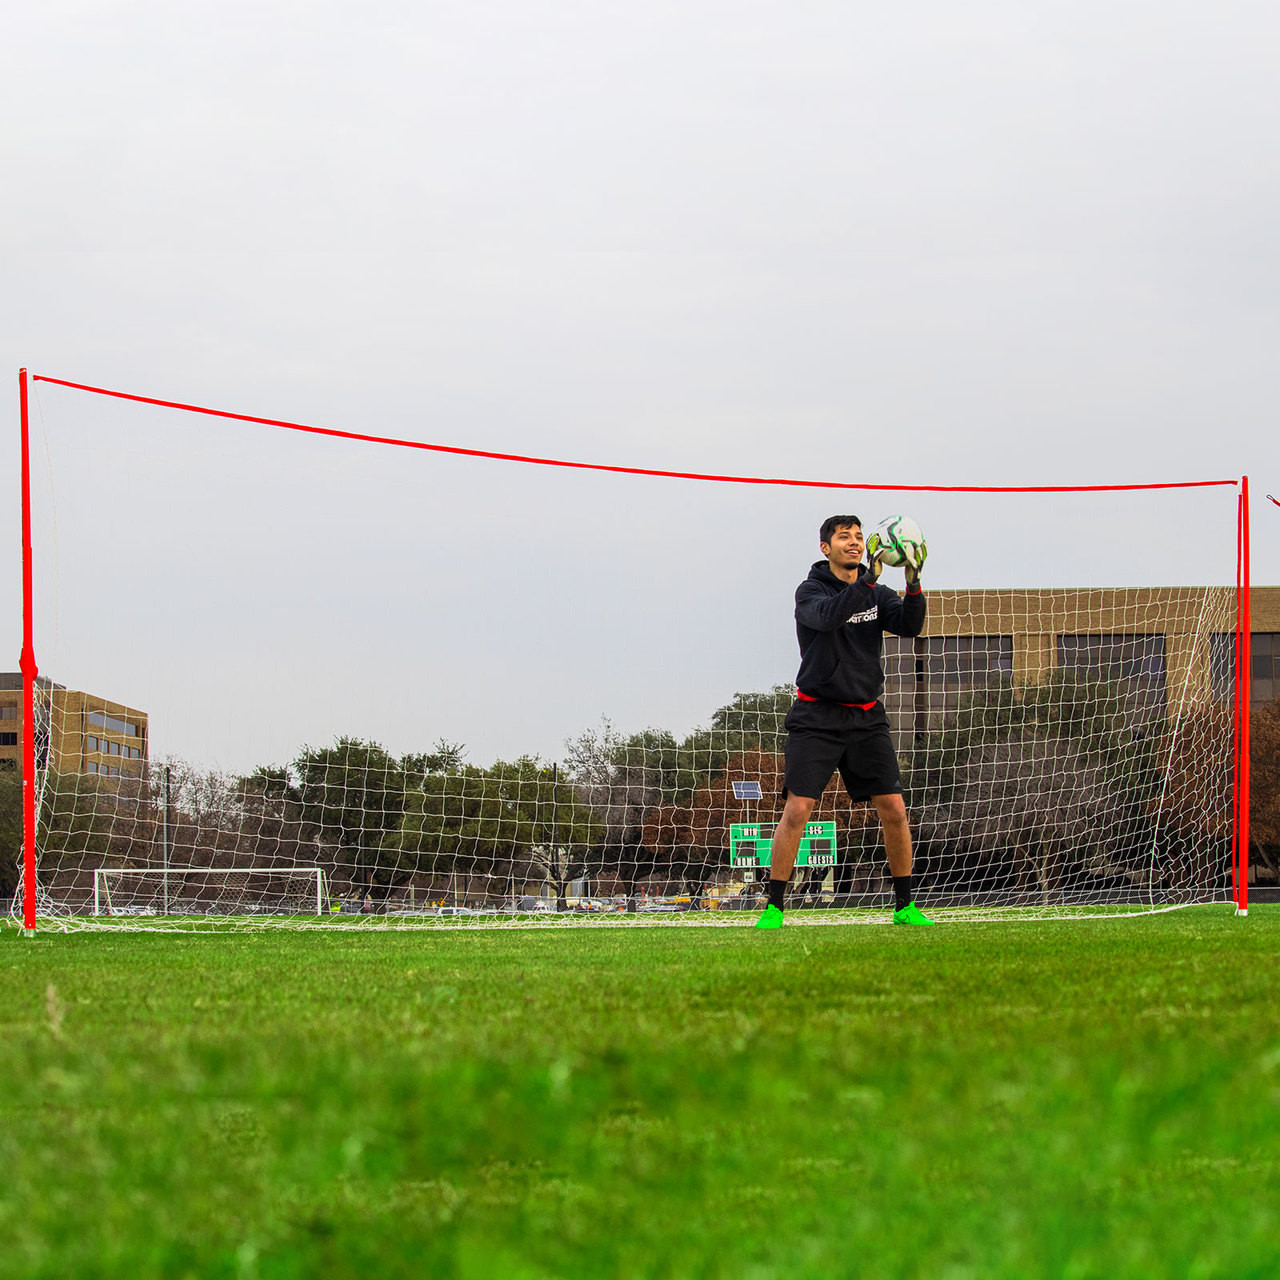 e8680882d ... J-Goal Regulation Size Portable Goal 8x24 | Soccer Innovations Training  Equipment & Soccer Goals ...